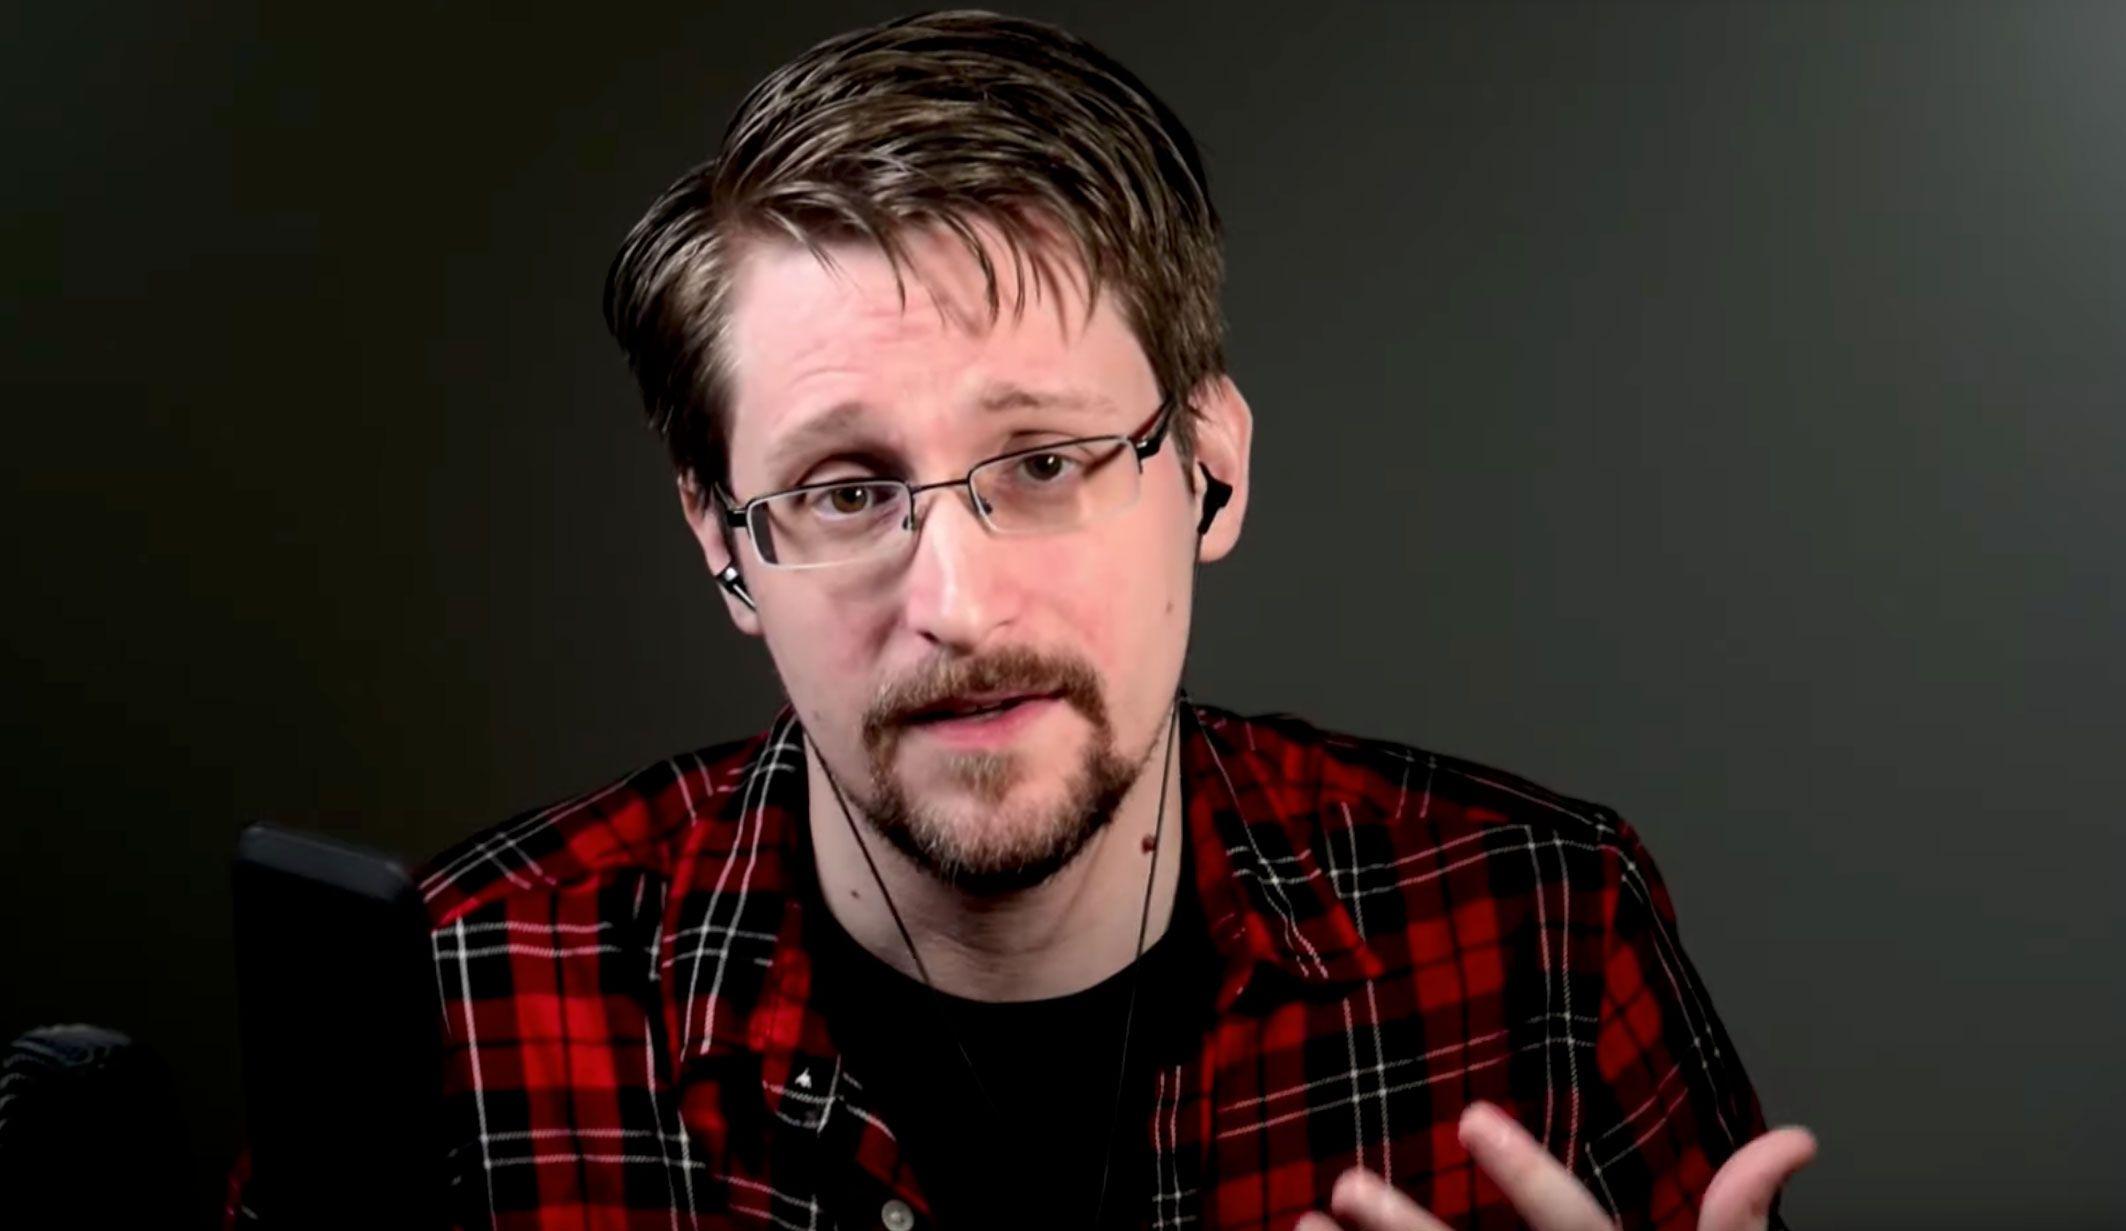 Embaixada chinesa citou esquema de espionagem dos EUA revelado por Snowden.